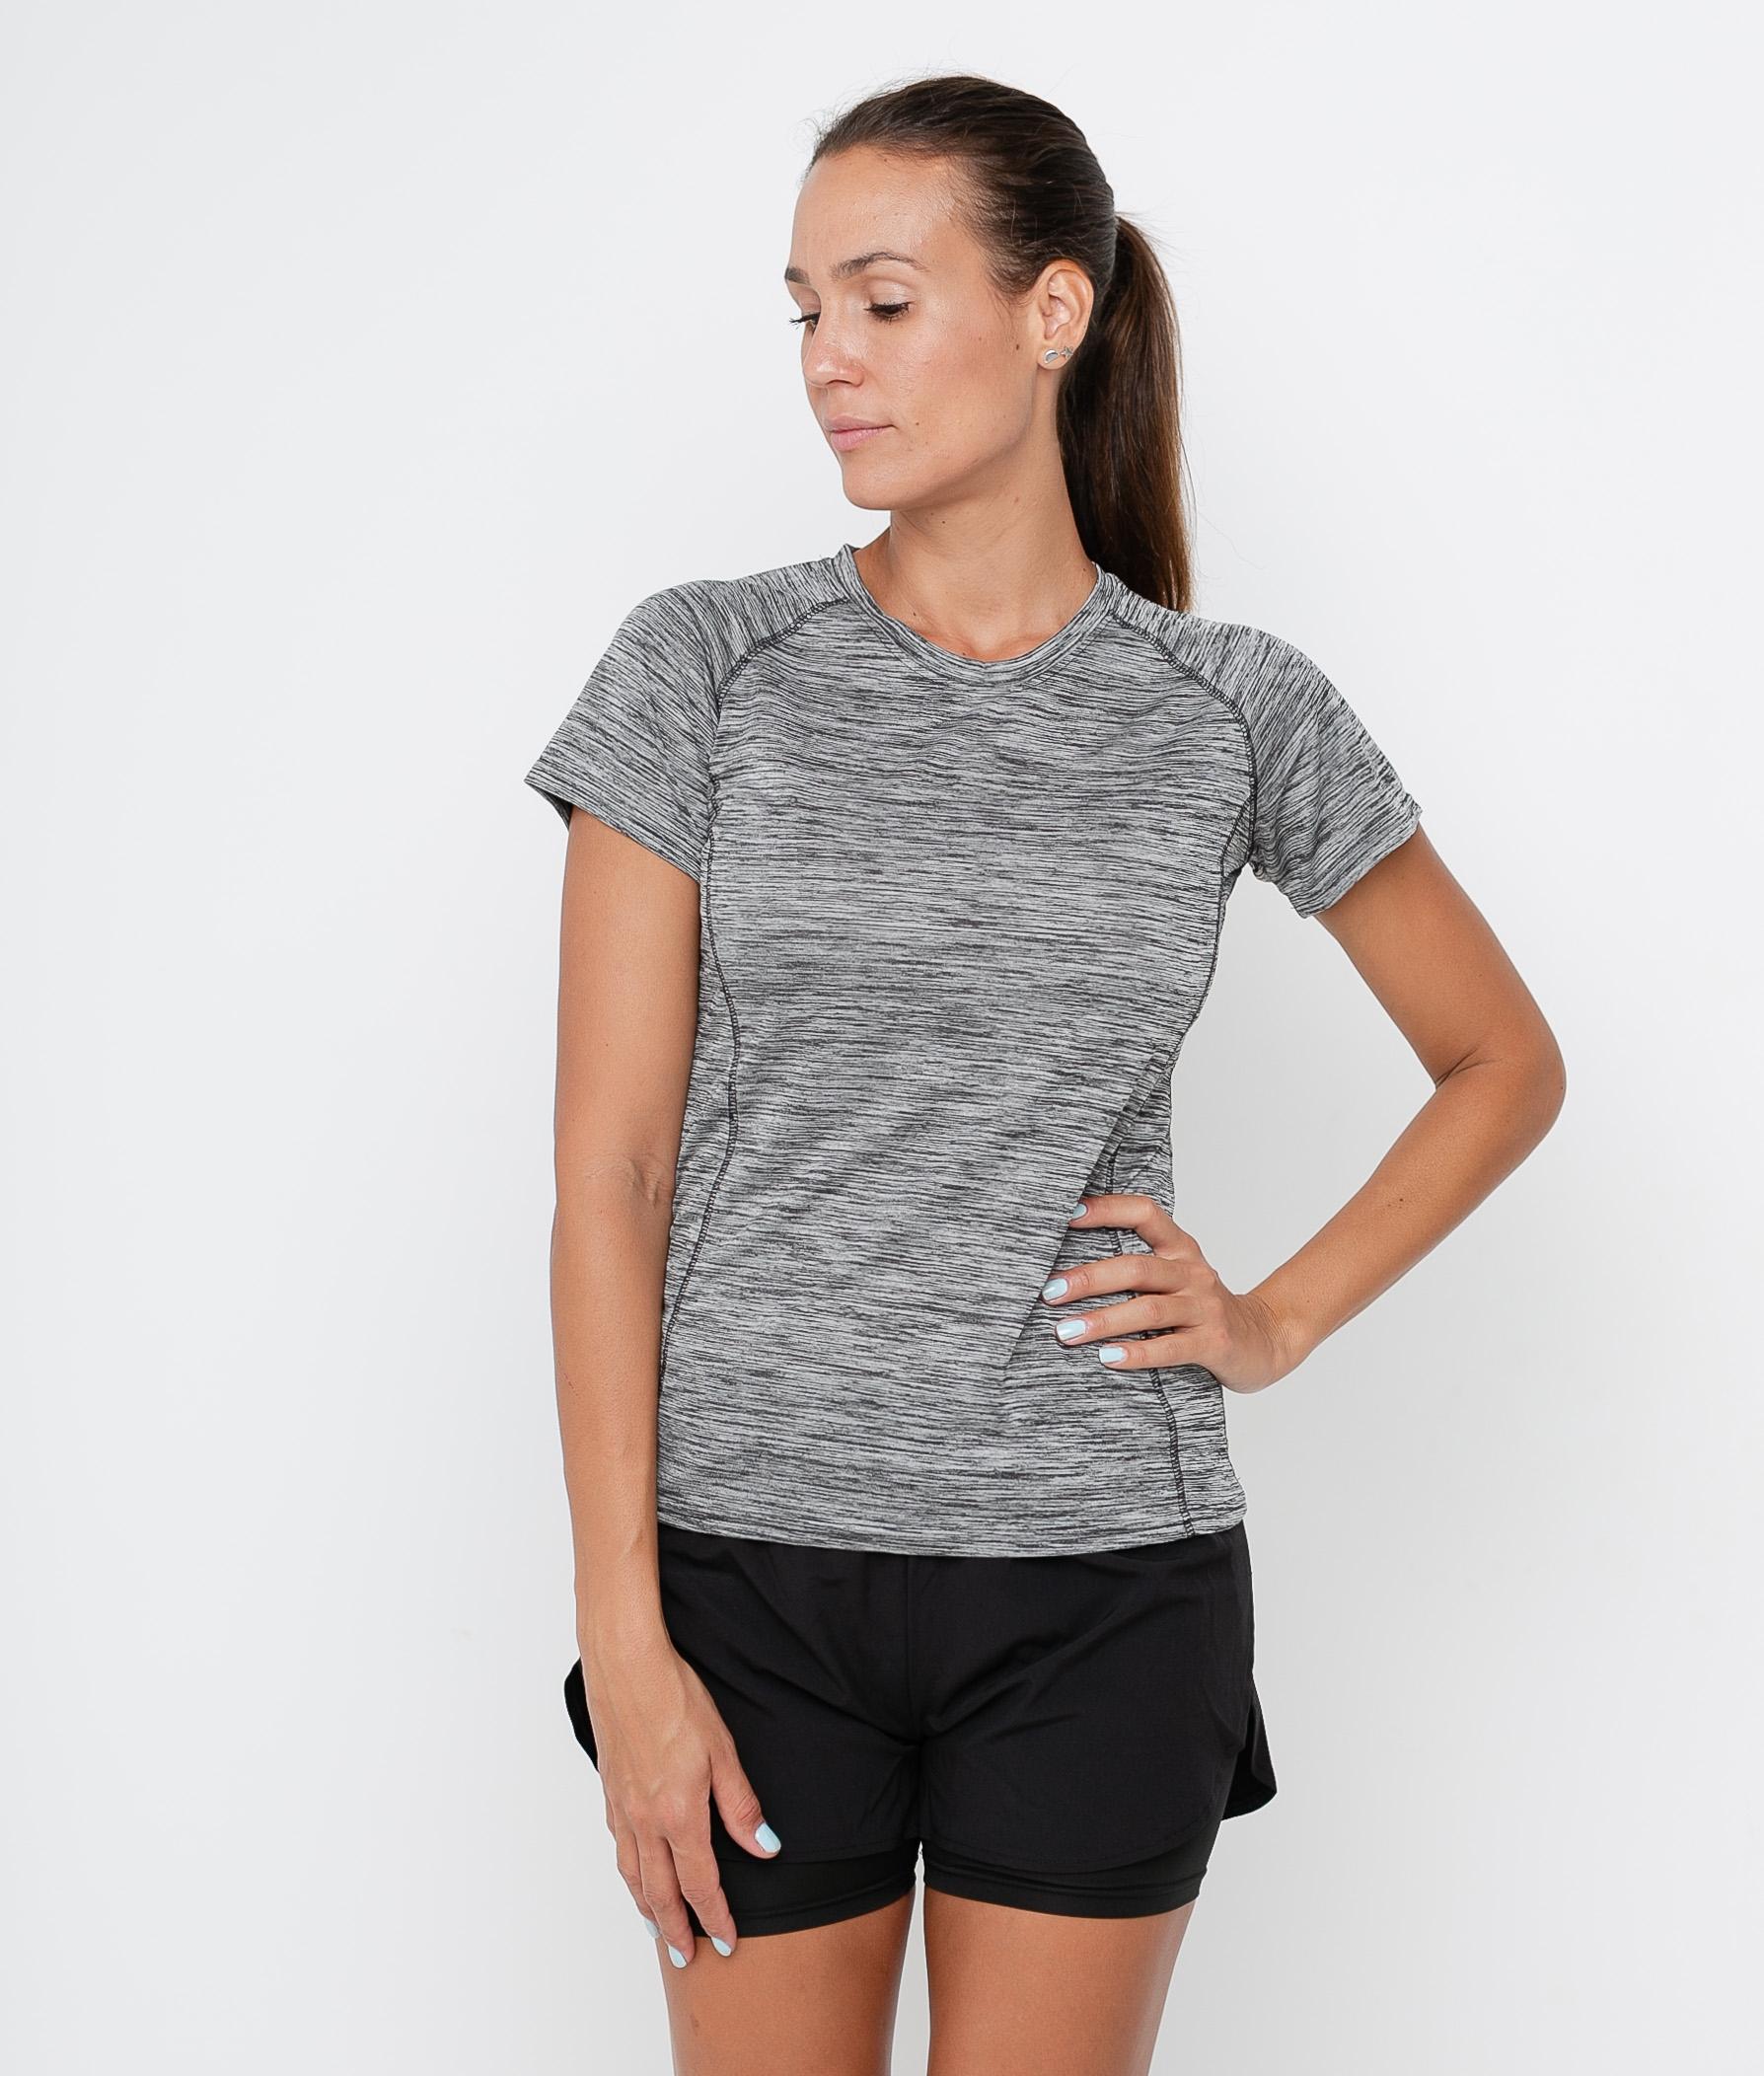 Camiseta Leira - Preto